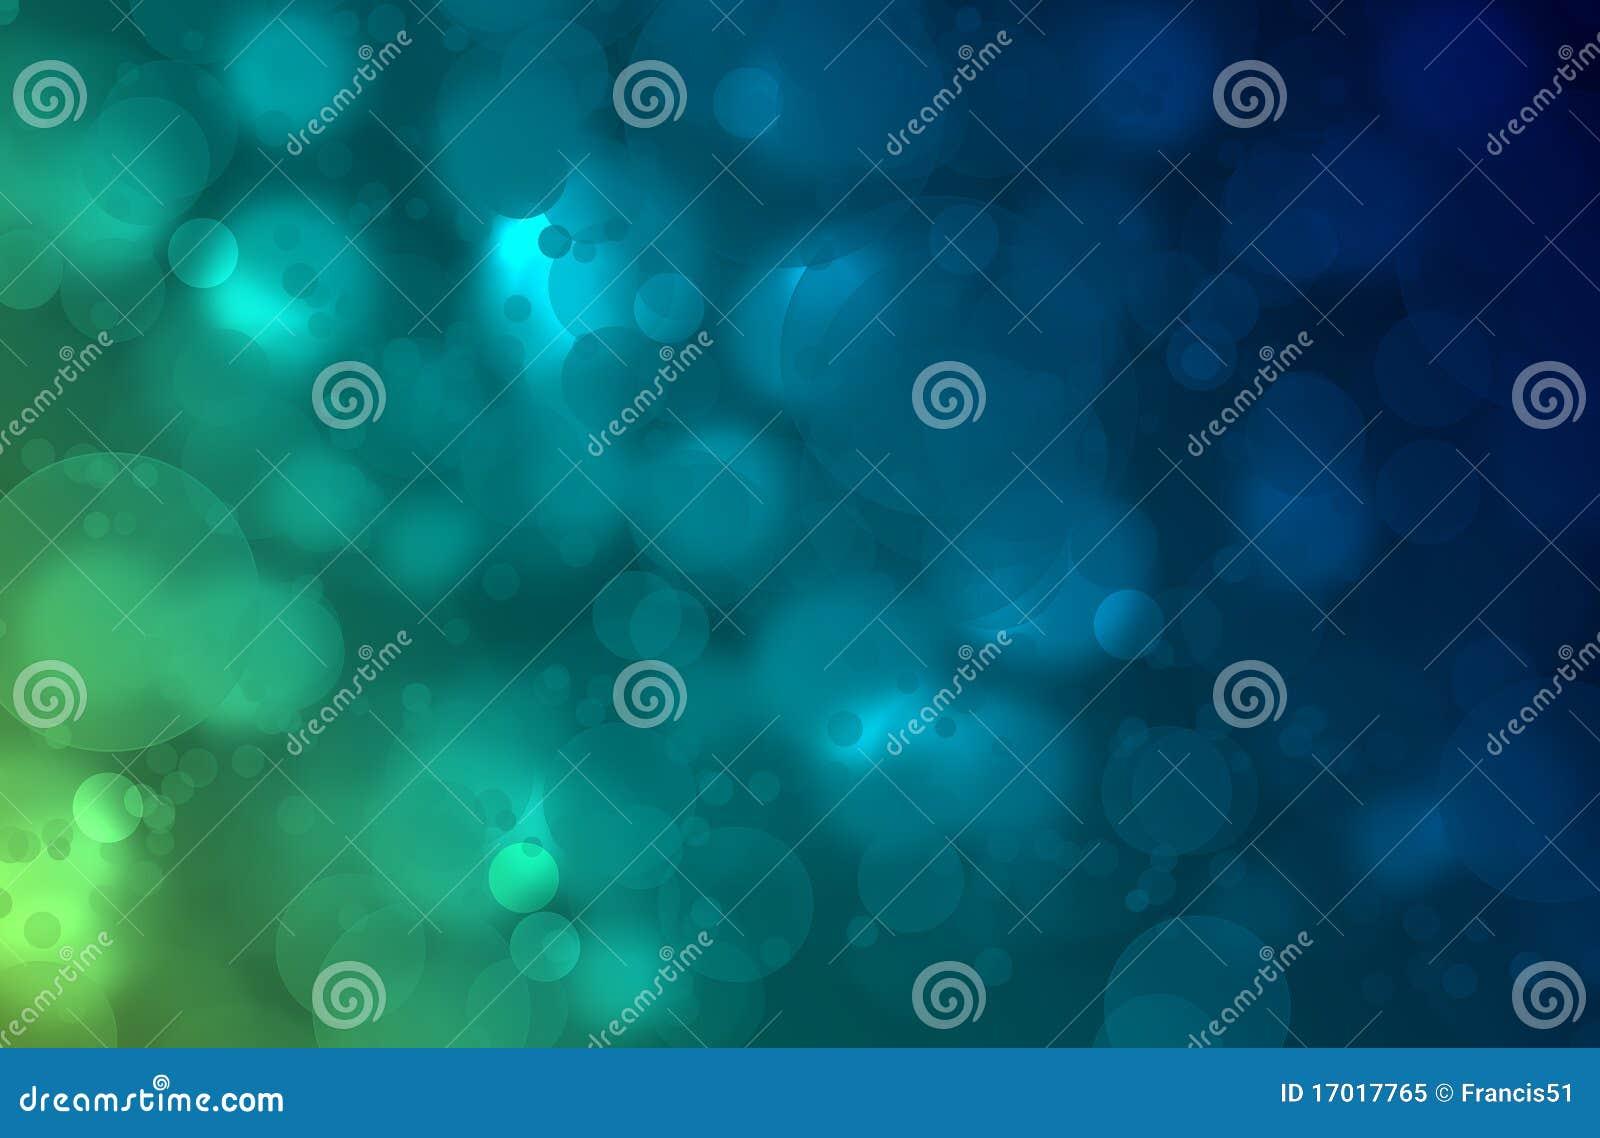 Fondo Abstracto Del Verde Azul Foto De Archivo Libre De